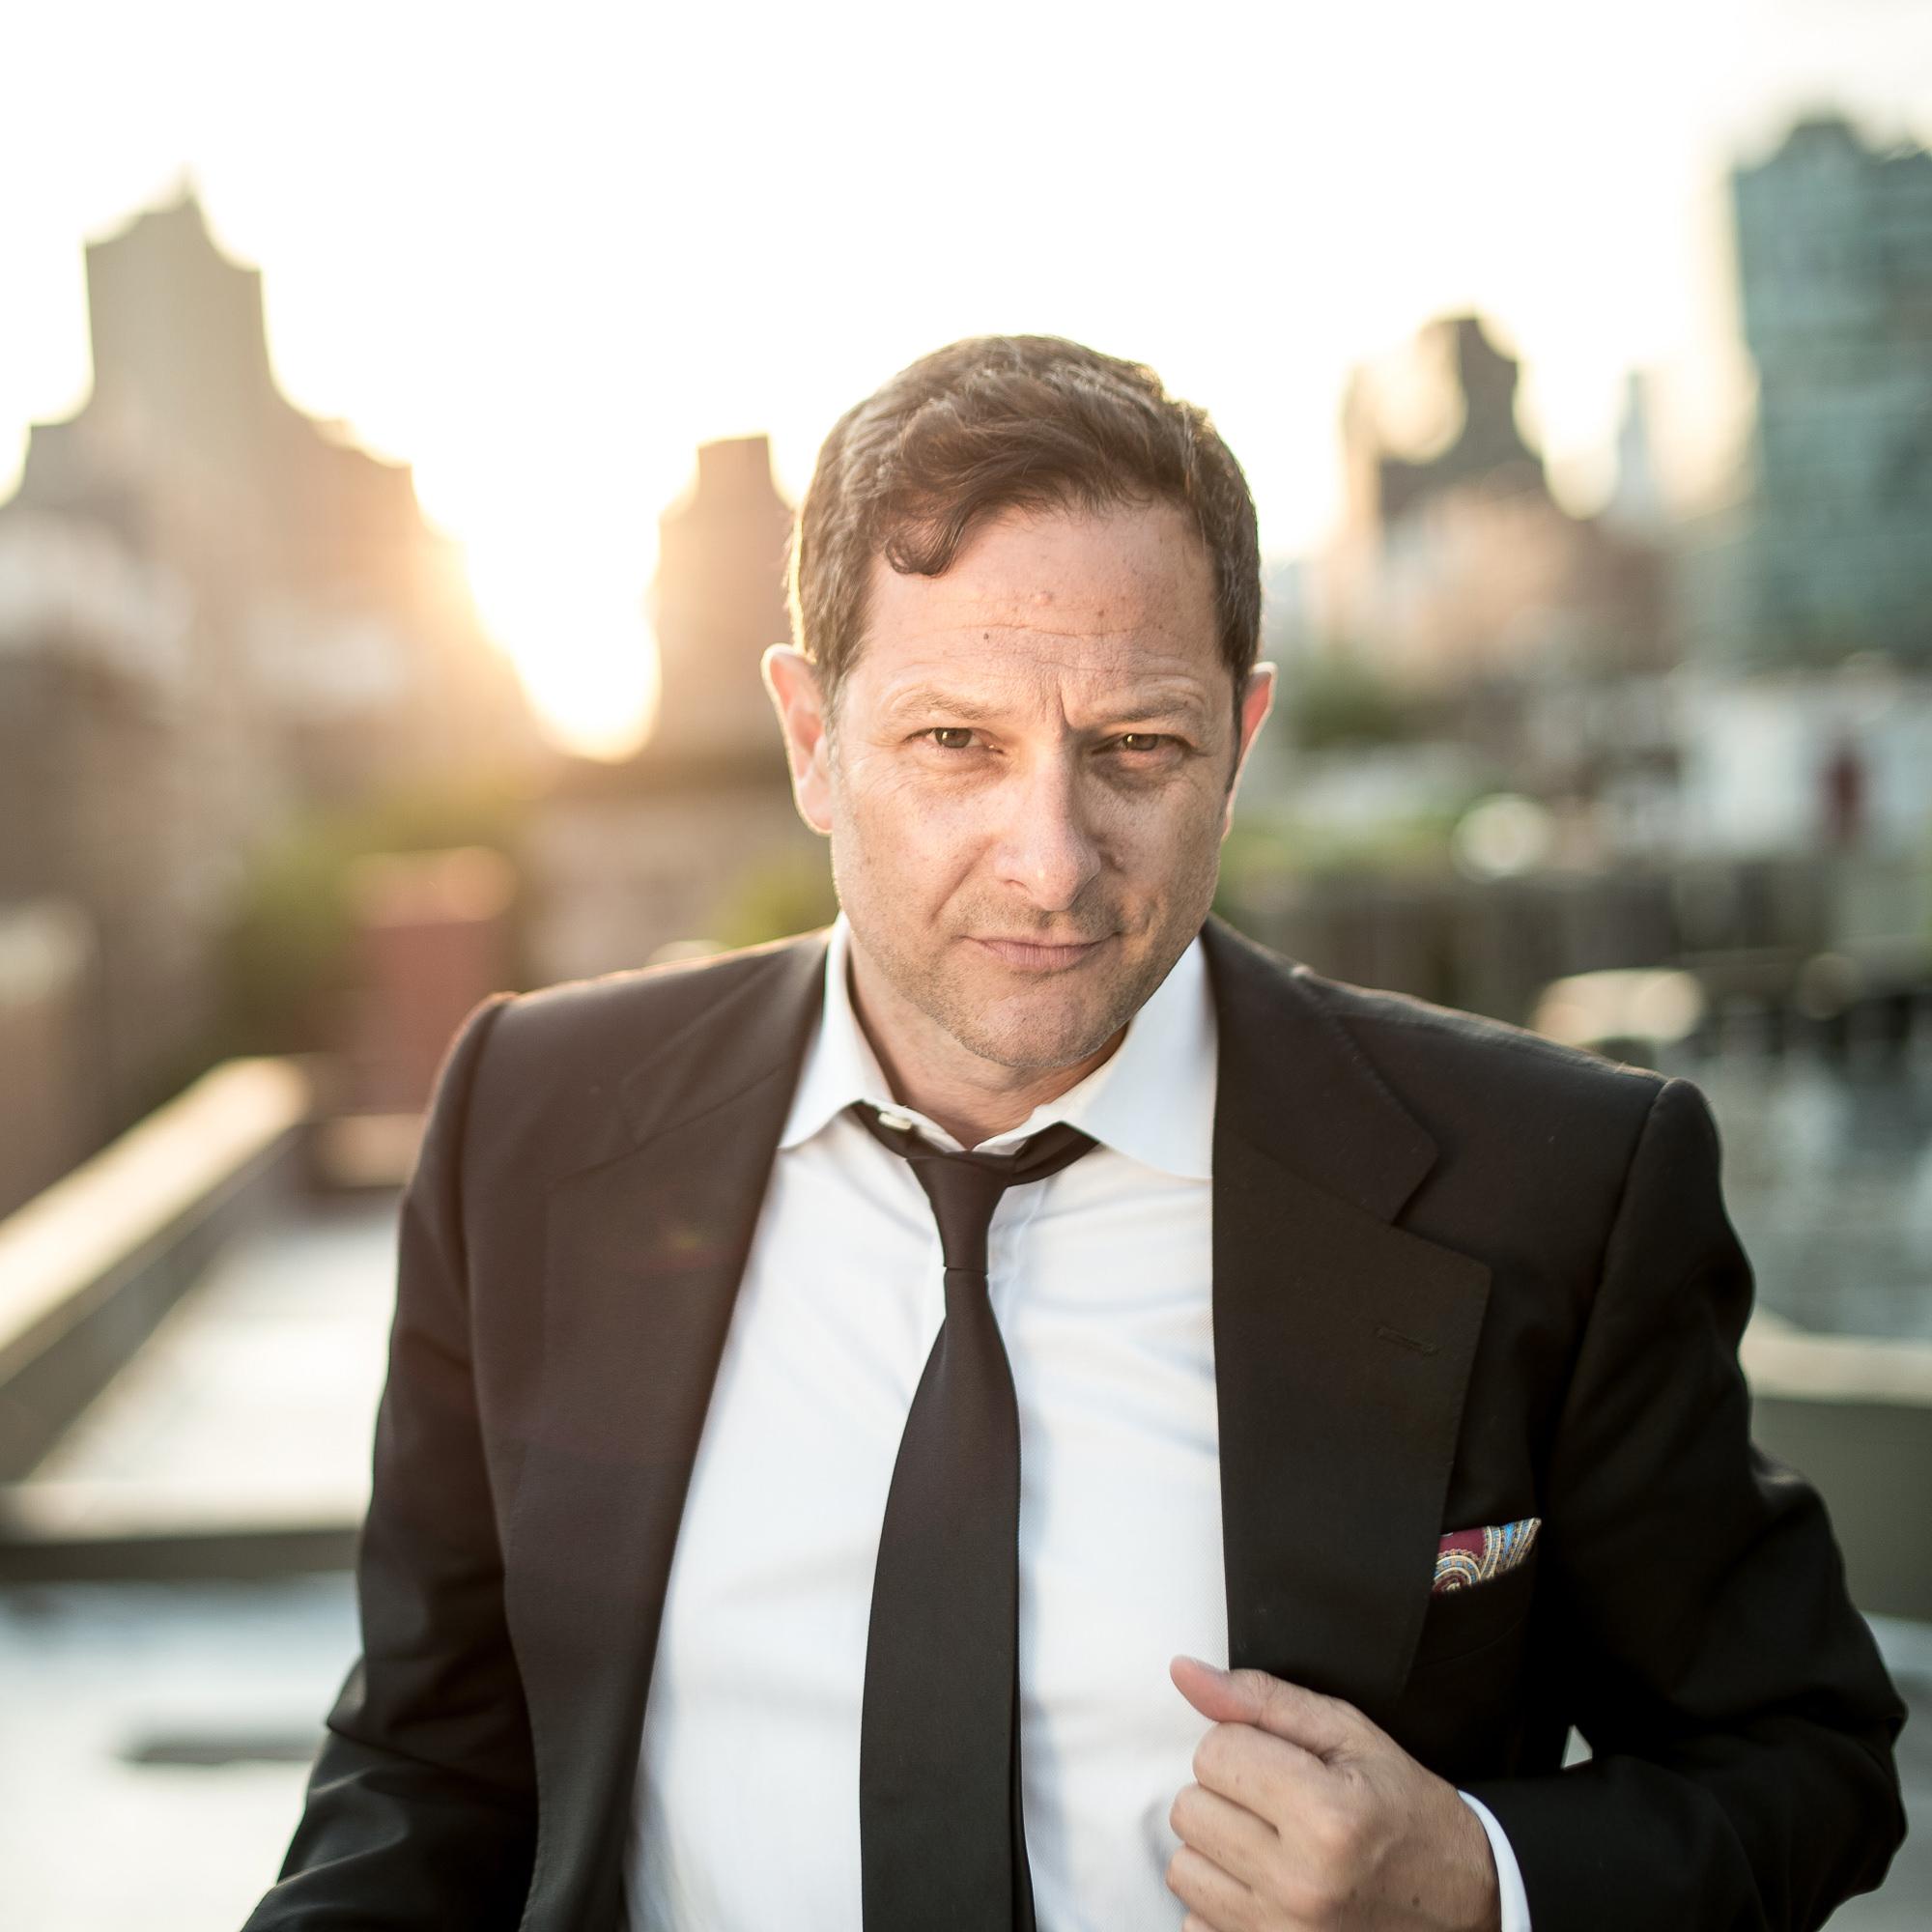 Michael Sottile